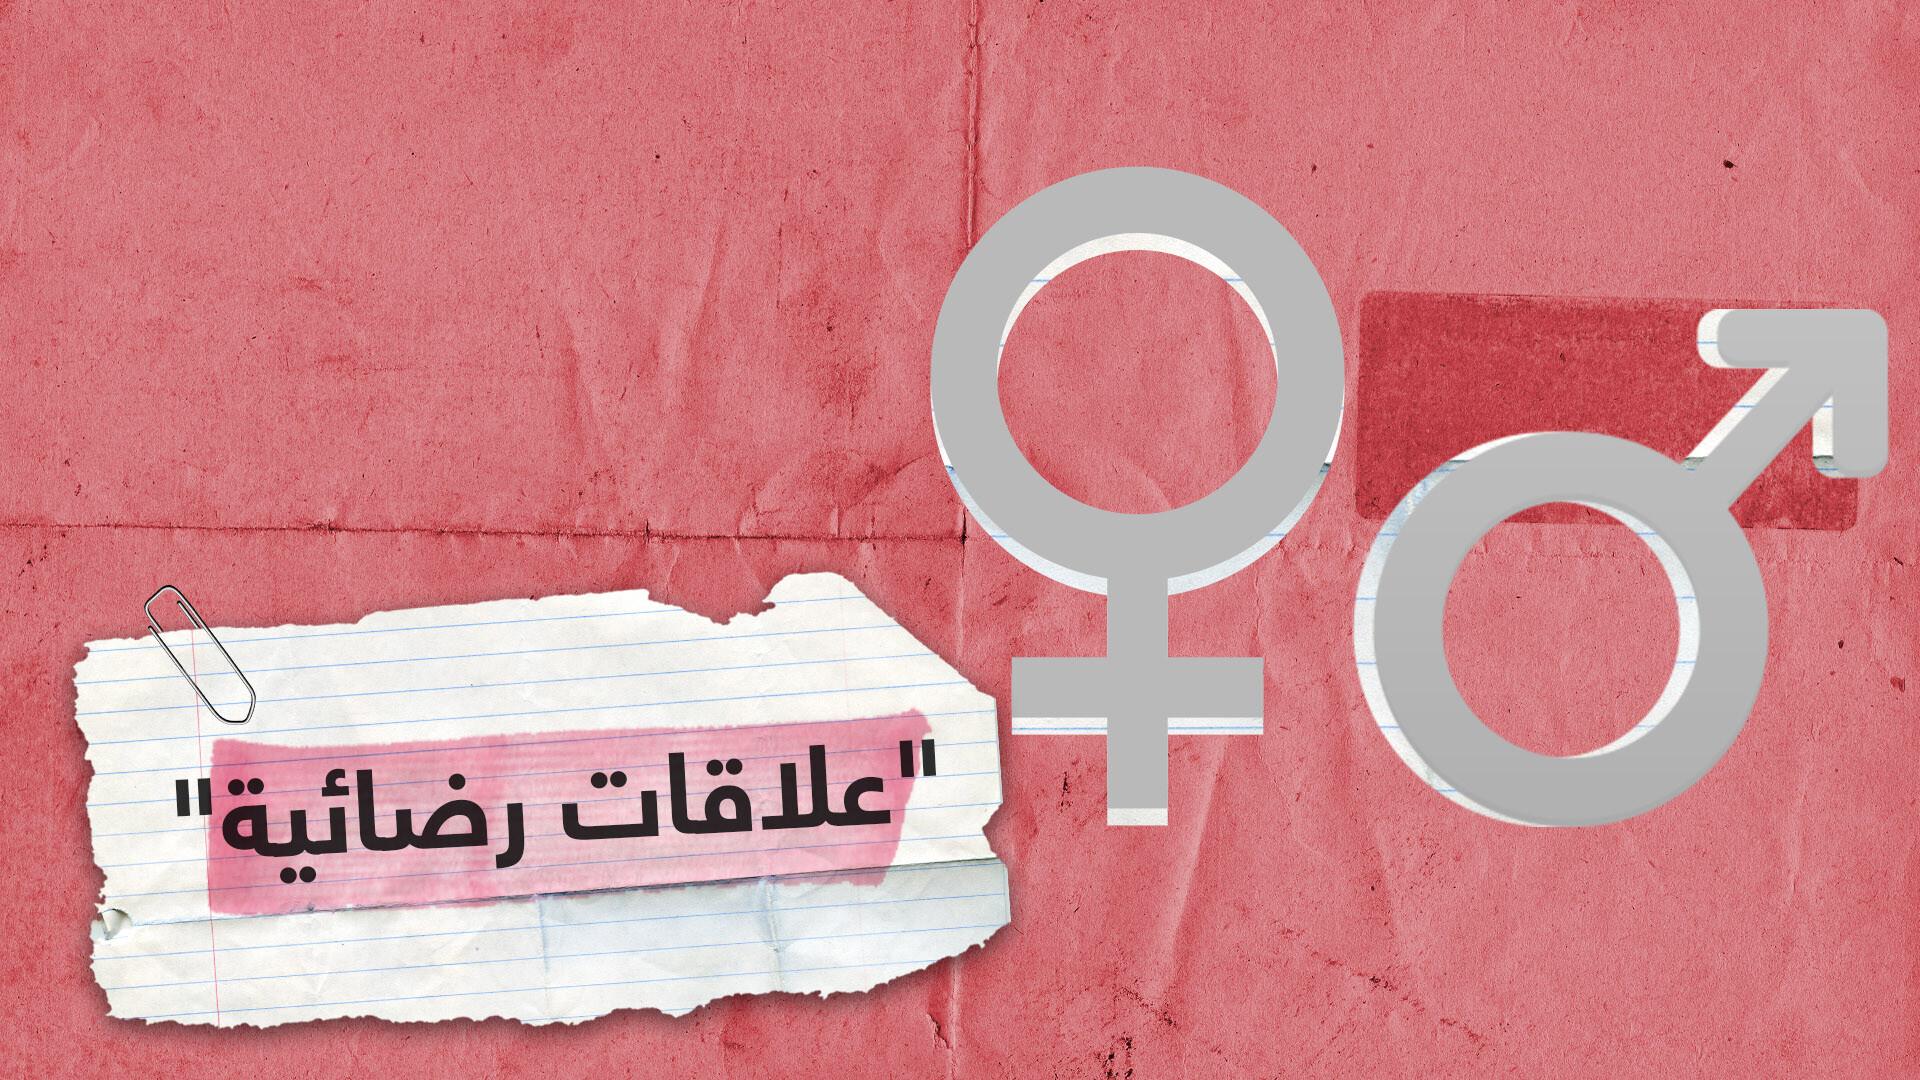 نائب مغربي: لا لتجريم المثلية والخيانة